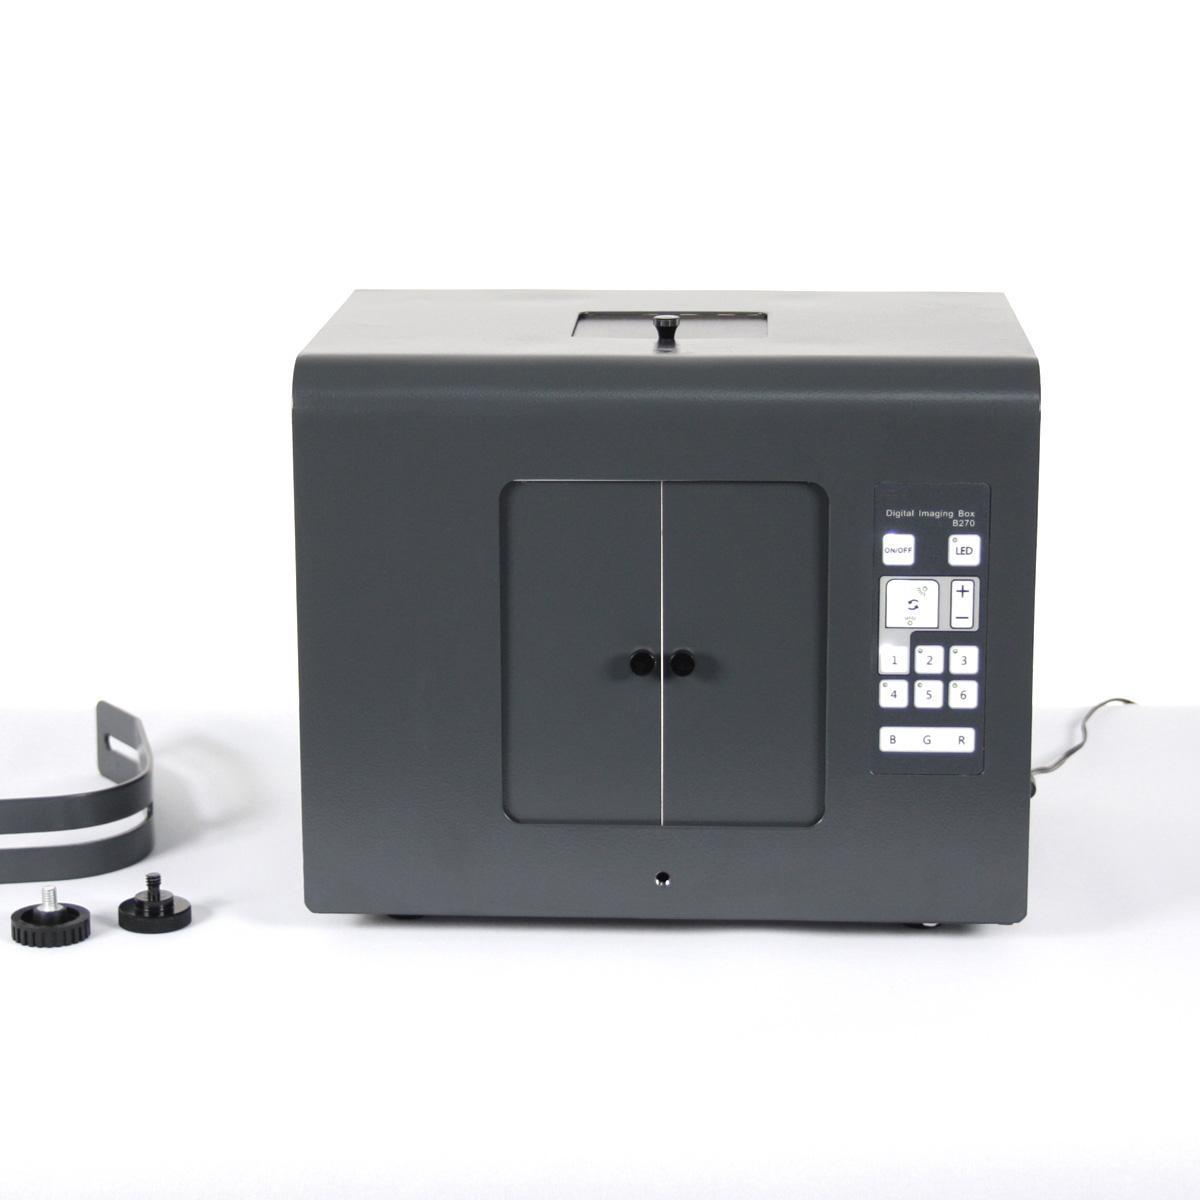 الصمام SANOTO B350 الرقمية قابل للتعديل مجوهرات الماس المهنية البسيطة التصوير الفوتوغرافي استوديو الصور ضوء مربع صندوق الصور الفوتوغرافي Softbox